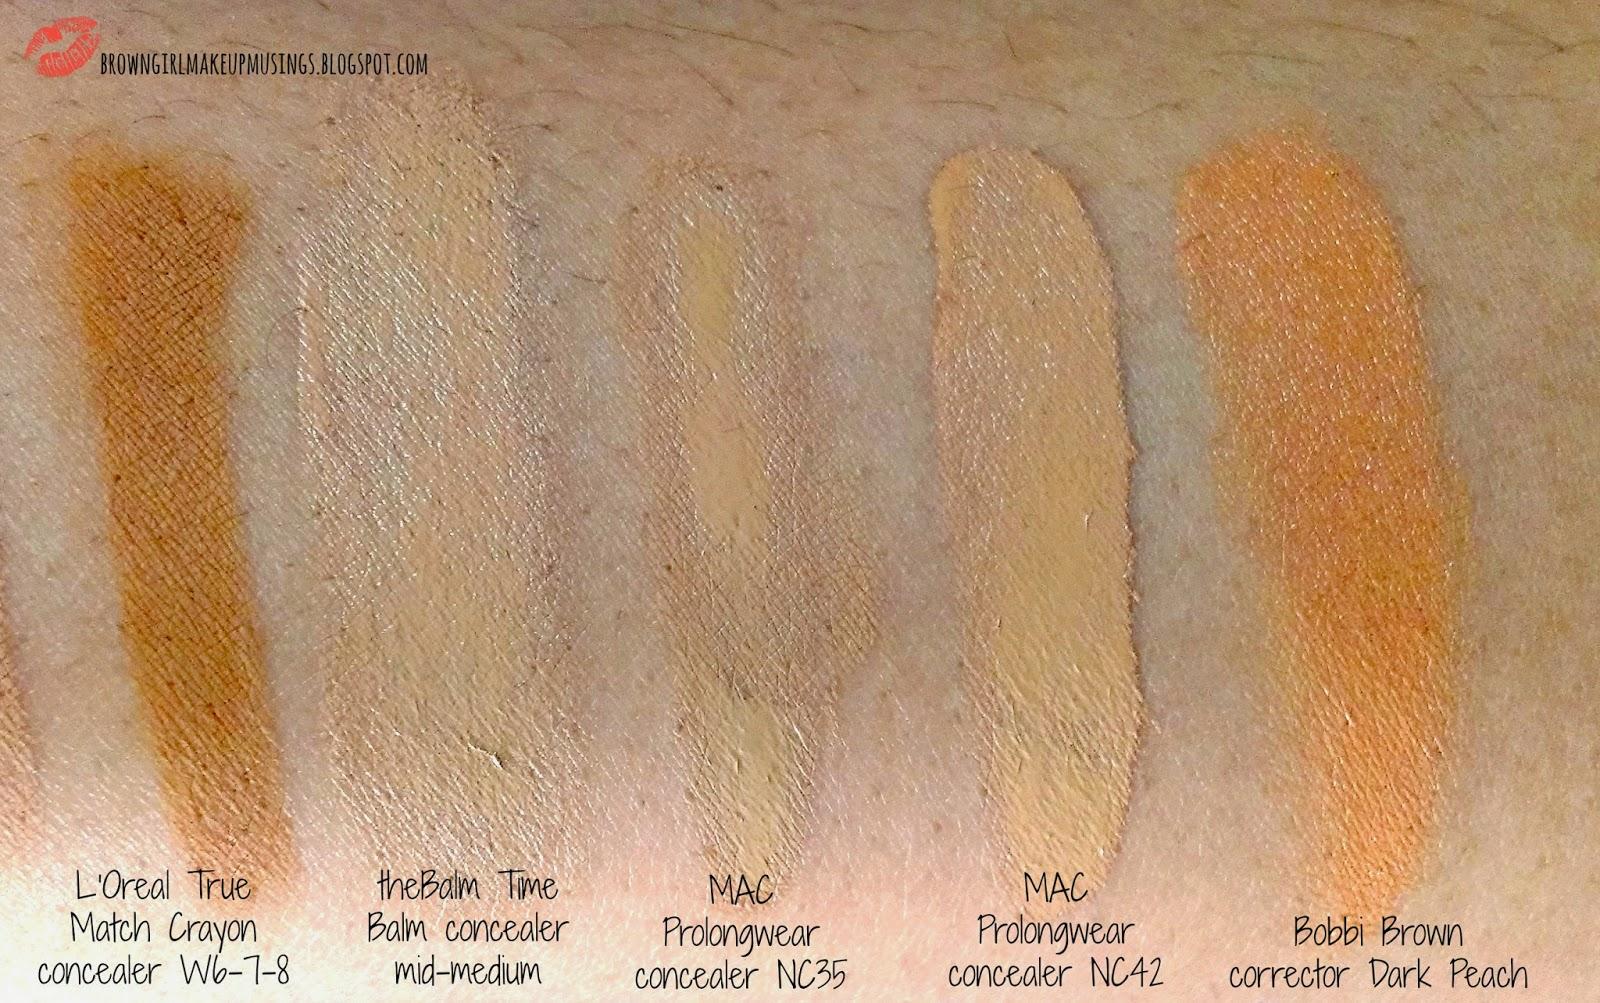 Brown Girl Makeup Musings Pick Or Purge Concealers